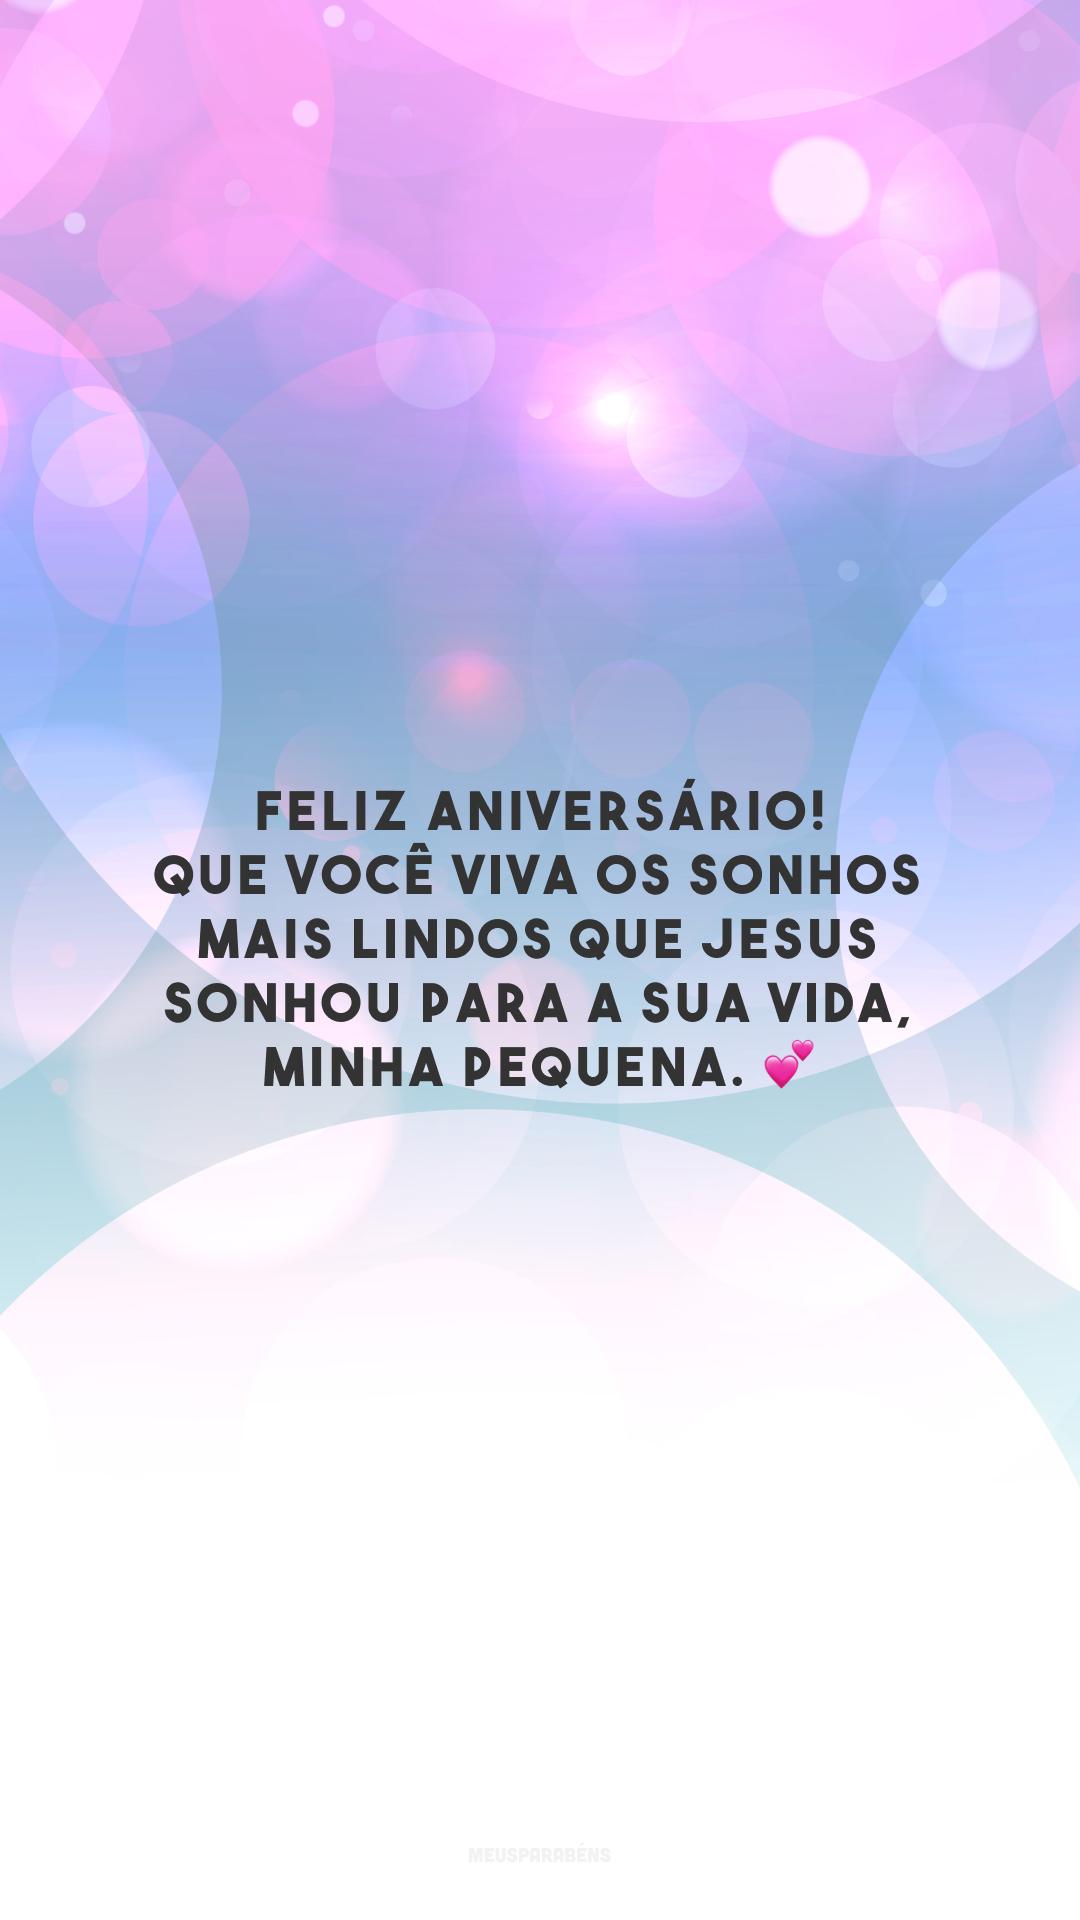 Feliz aniversário! Que você viva os sonhos mais lindos que Jesus sonhou para a sua vida, minha pequena. 💕